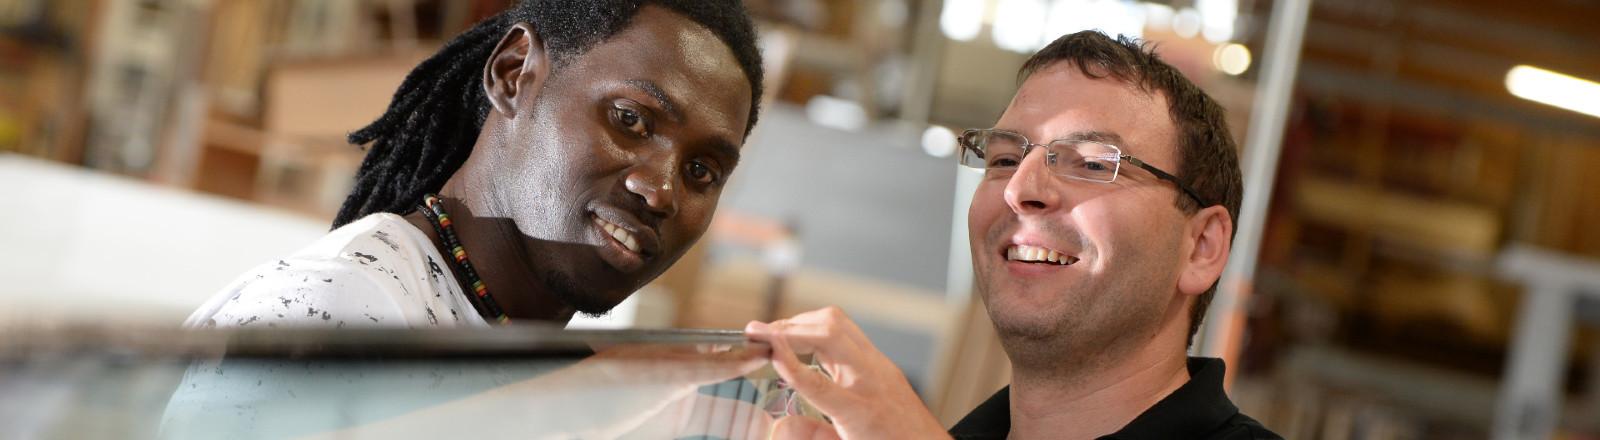 Asylbewerber Omar Ceesay (l) und Geschäftsführer Alexander Lanz unterhalten sich am 27.08.2015 in der Schreinerei Holitsch in Tettnang-Hiltensweiler (Baden-Württemberg) an einer Glasscheibe, die in eine Tür eingesetzt wird. Schreiner Omar Ceesay kam aus Libyen über Italien nach Deutschland.